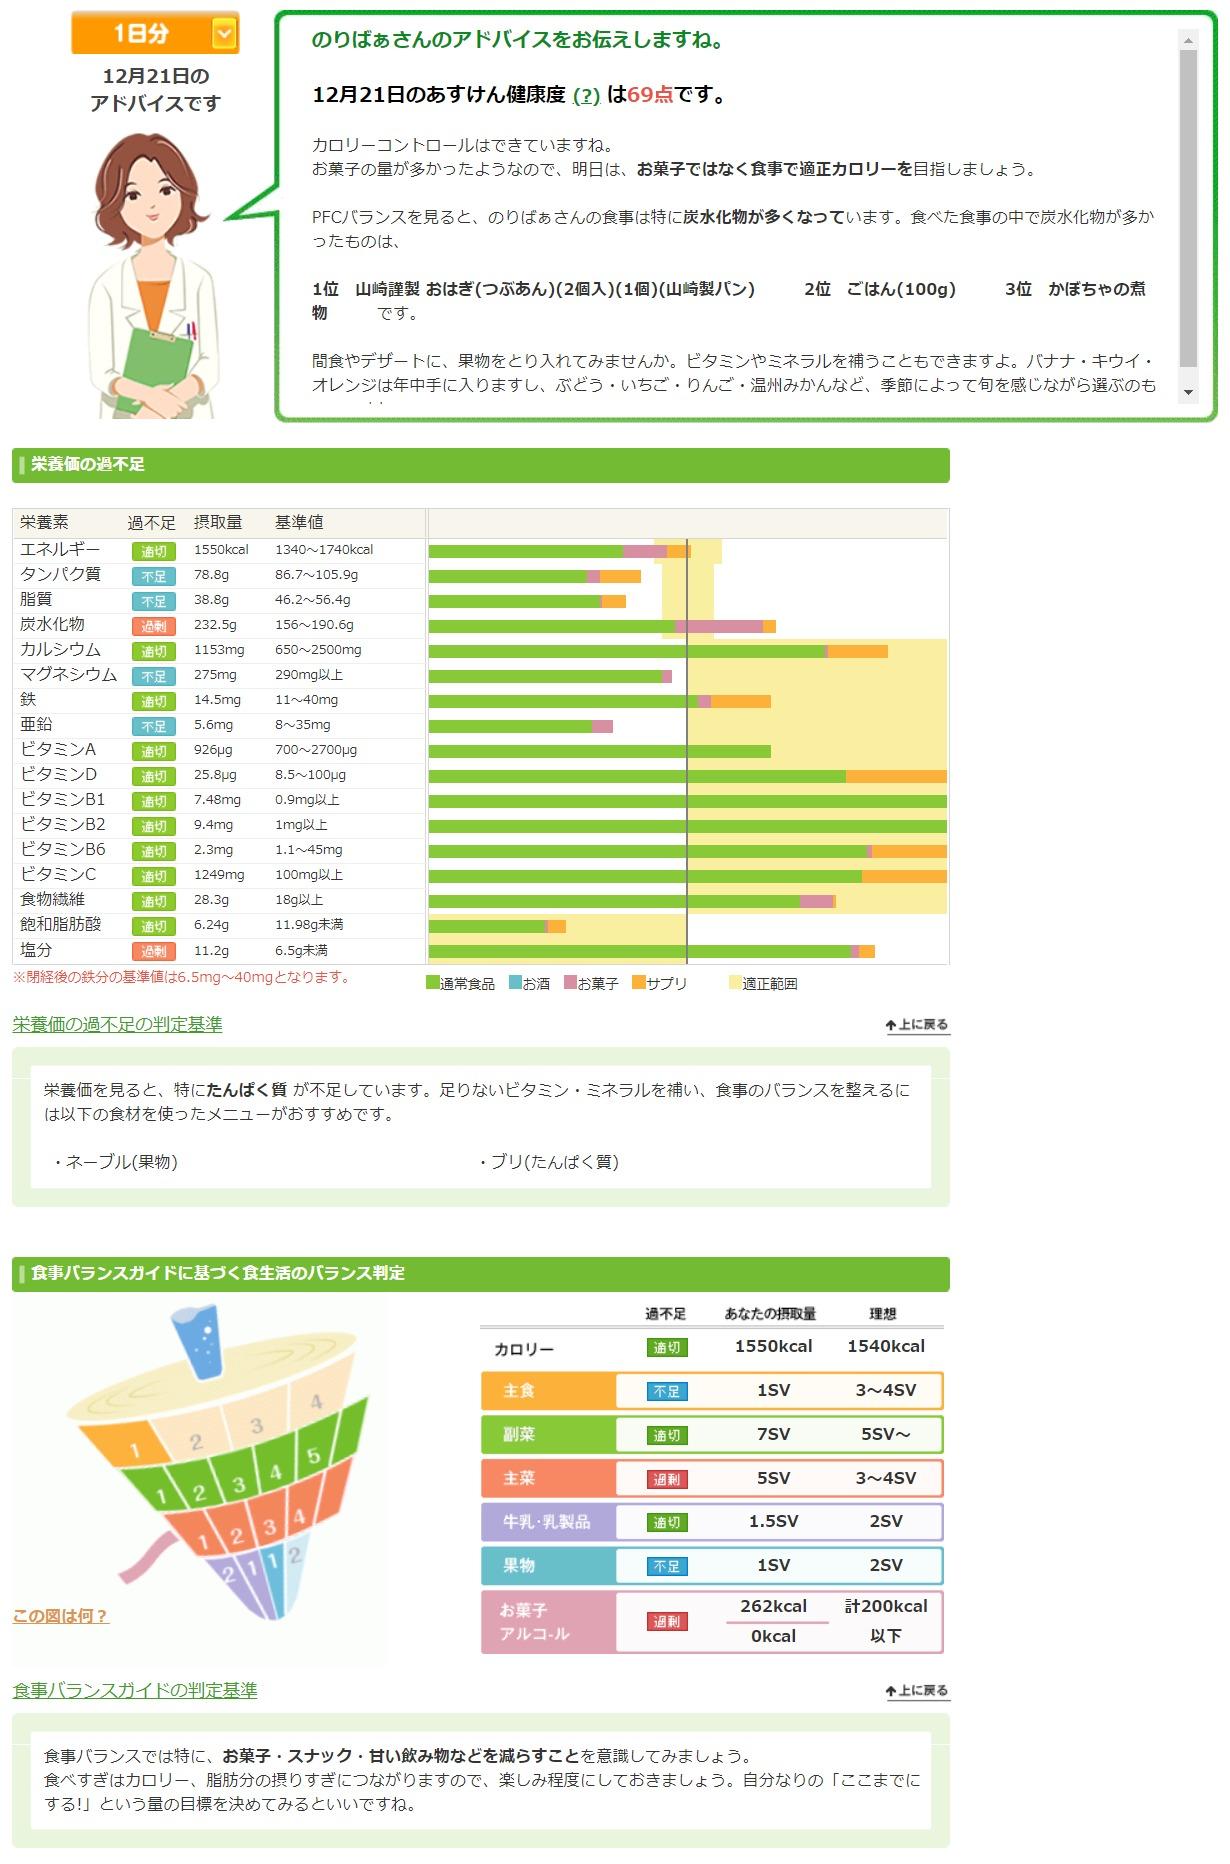 あすけんアドバイス_201221